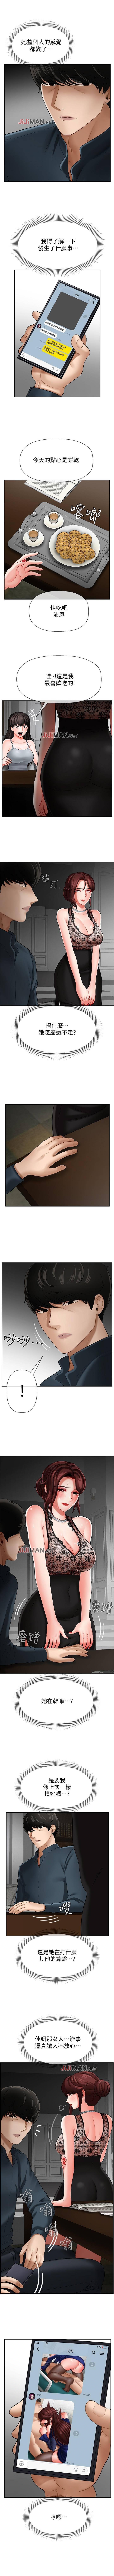 【已休刊】坏老师(作者:朴世談&福) 第1~31话 49